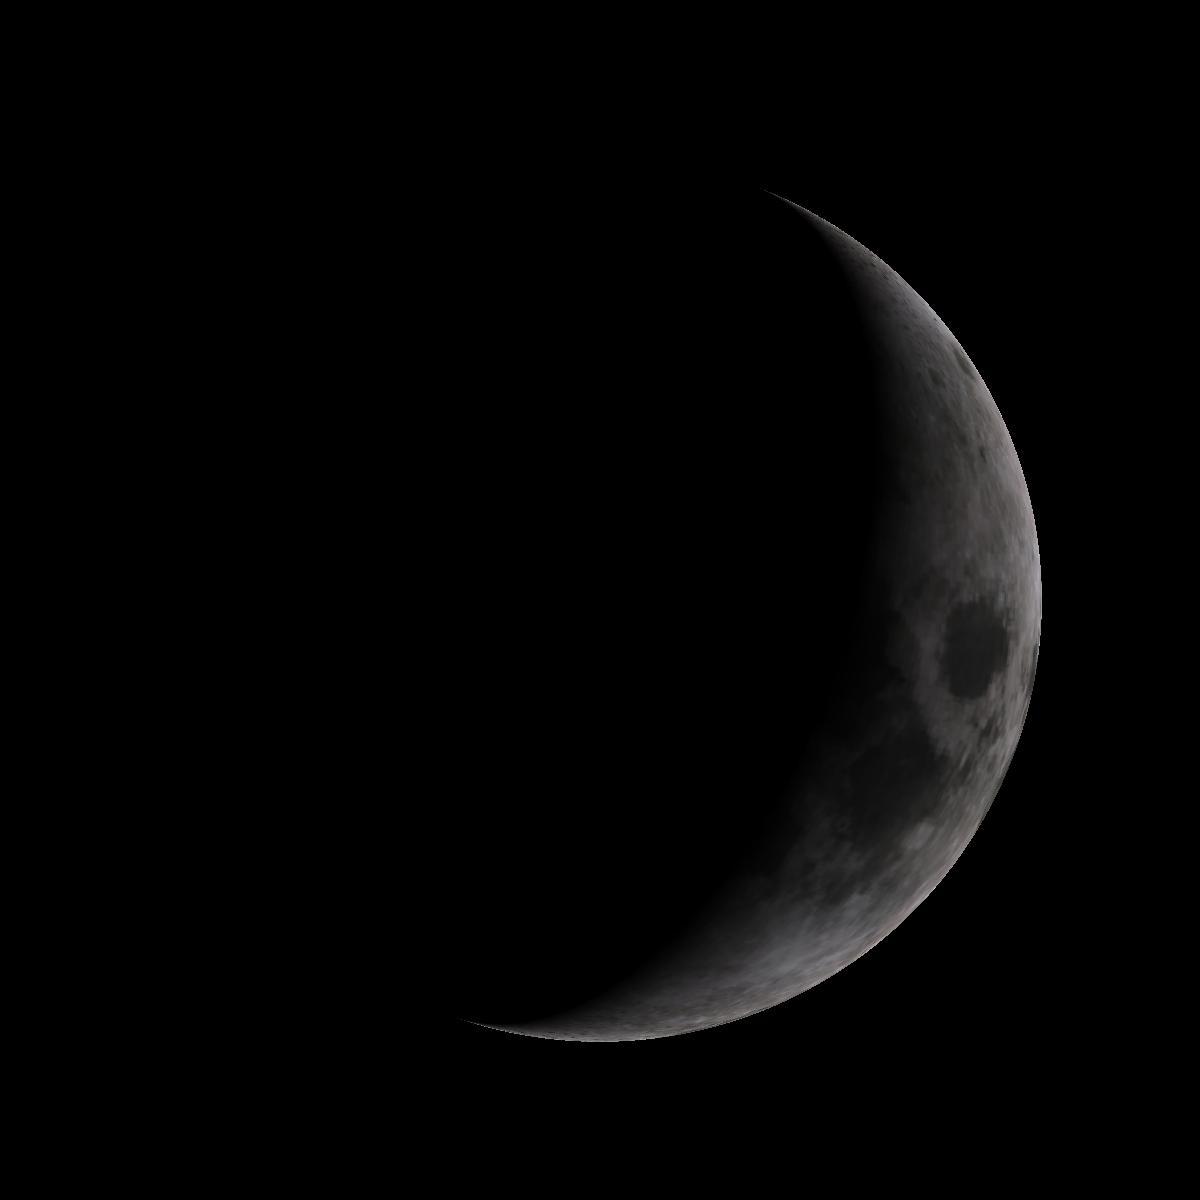 Lune du 30 janvier 2020